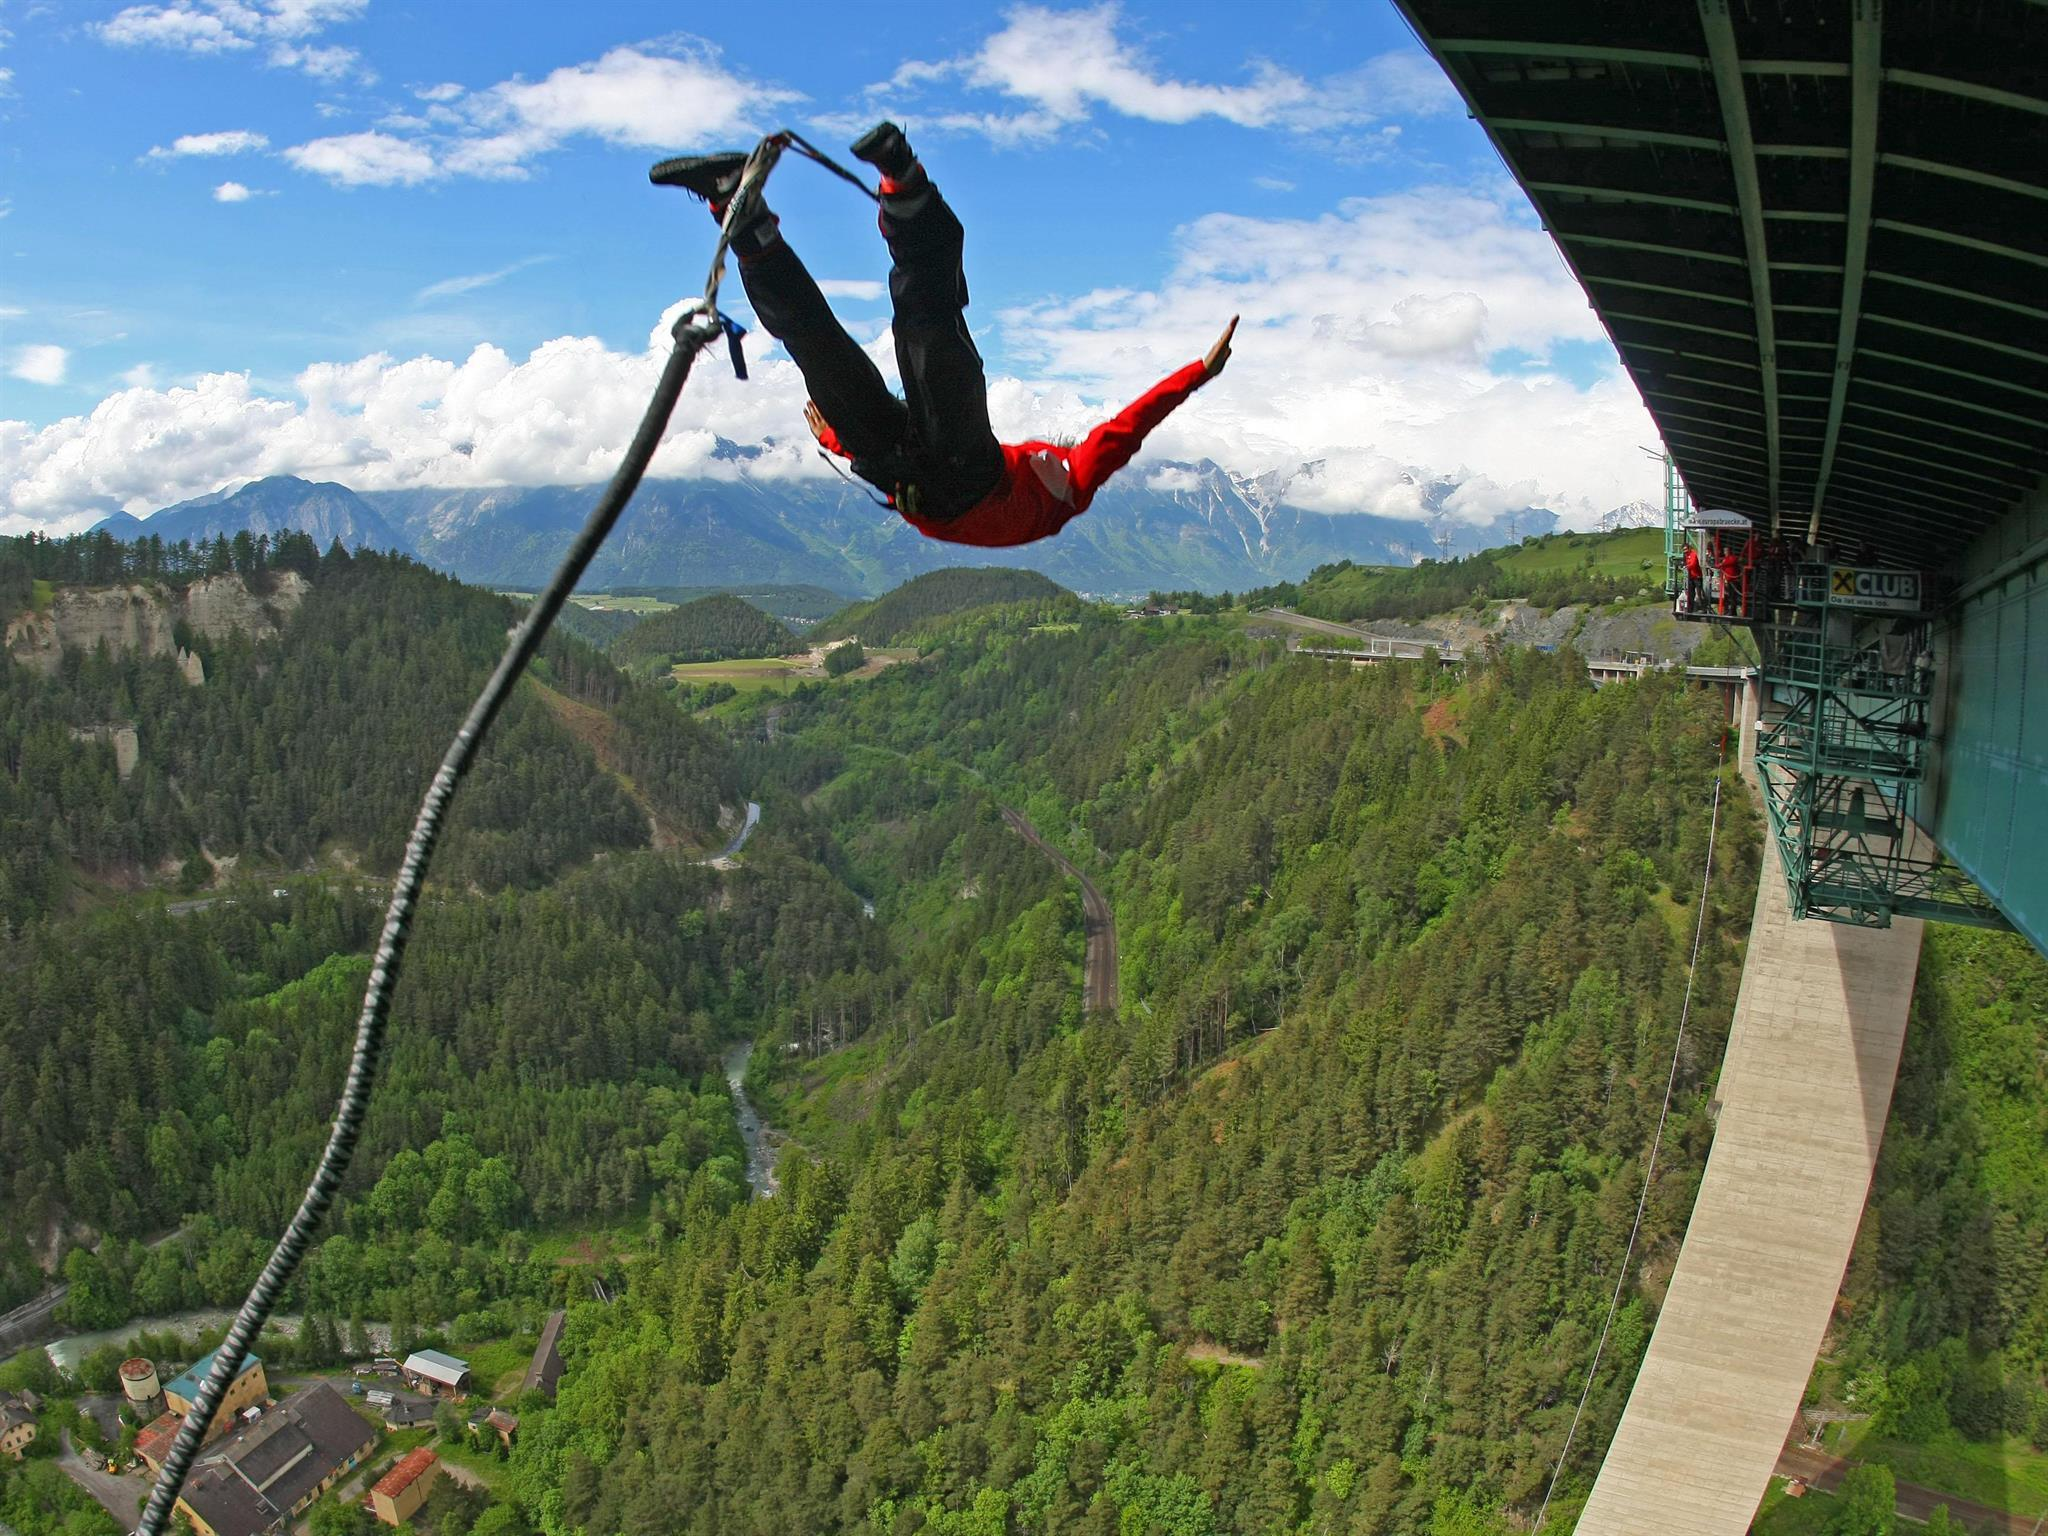 Jumping europabrücke bungee FIVE HIGHEST